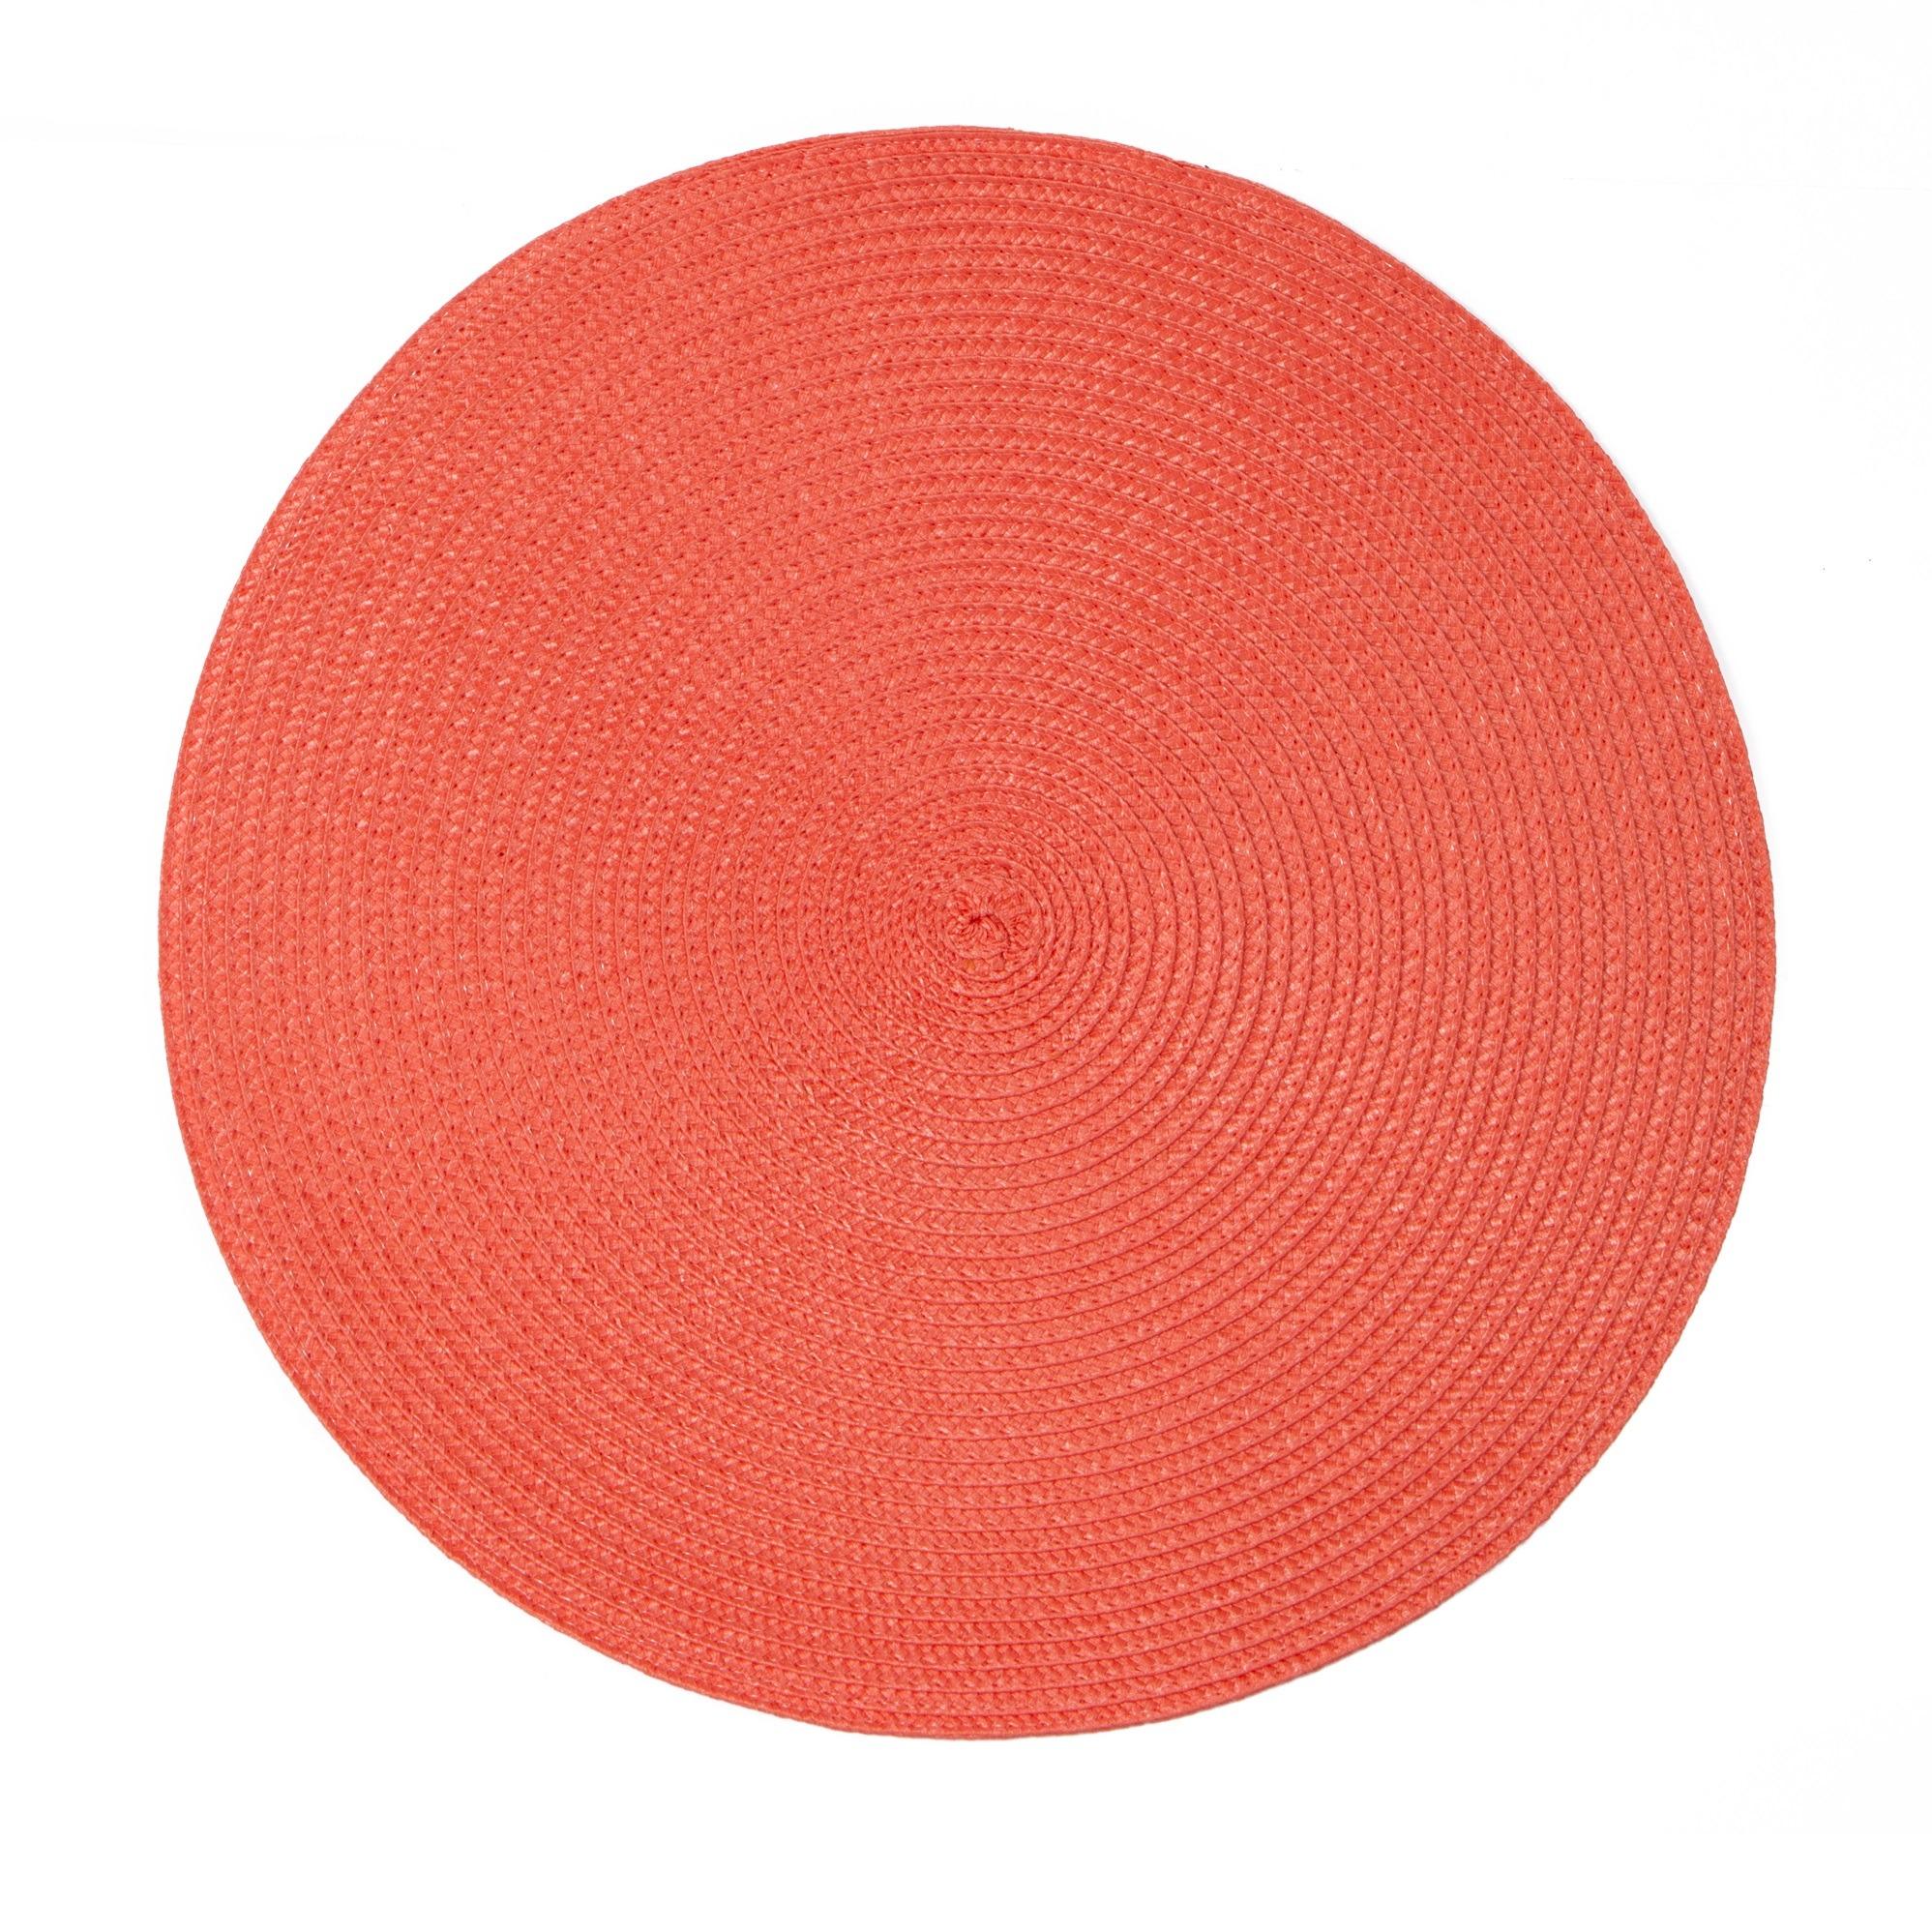 Pano Americano Redondo Coral 38 cm 1 Peca Fio de Poliester - Bianchini